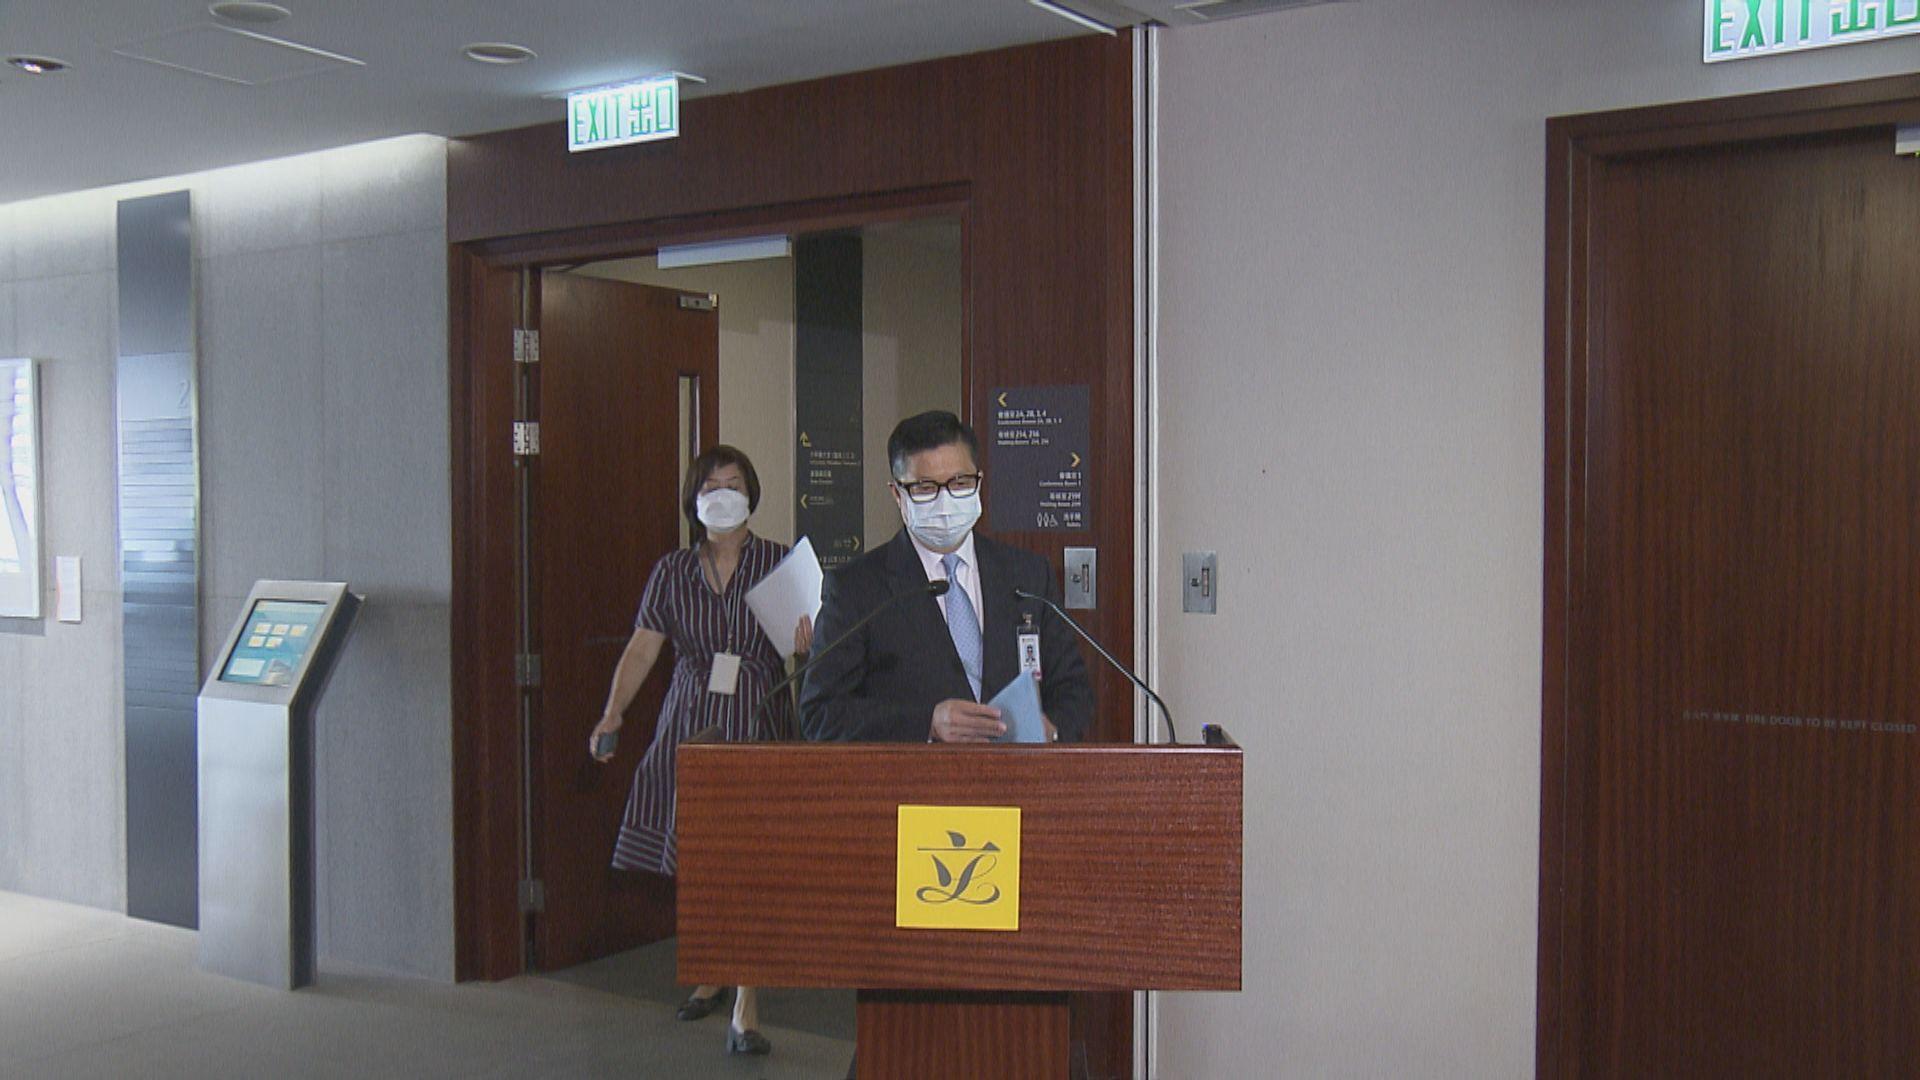 回應壹傳媒聲明 鄧炳強稱檢控書已清楚交代證據